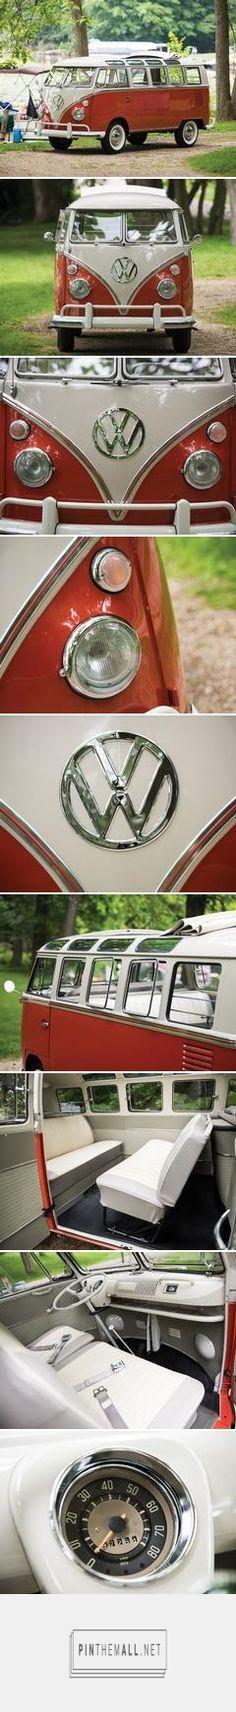 1965 Volkswagen Type 2 '21-Window' Deluxe Microbus   Hershey 2015   RM Sotheby's Ahorrá Miles de Dólares al Año en tu Coche. Tienes que ver esto